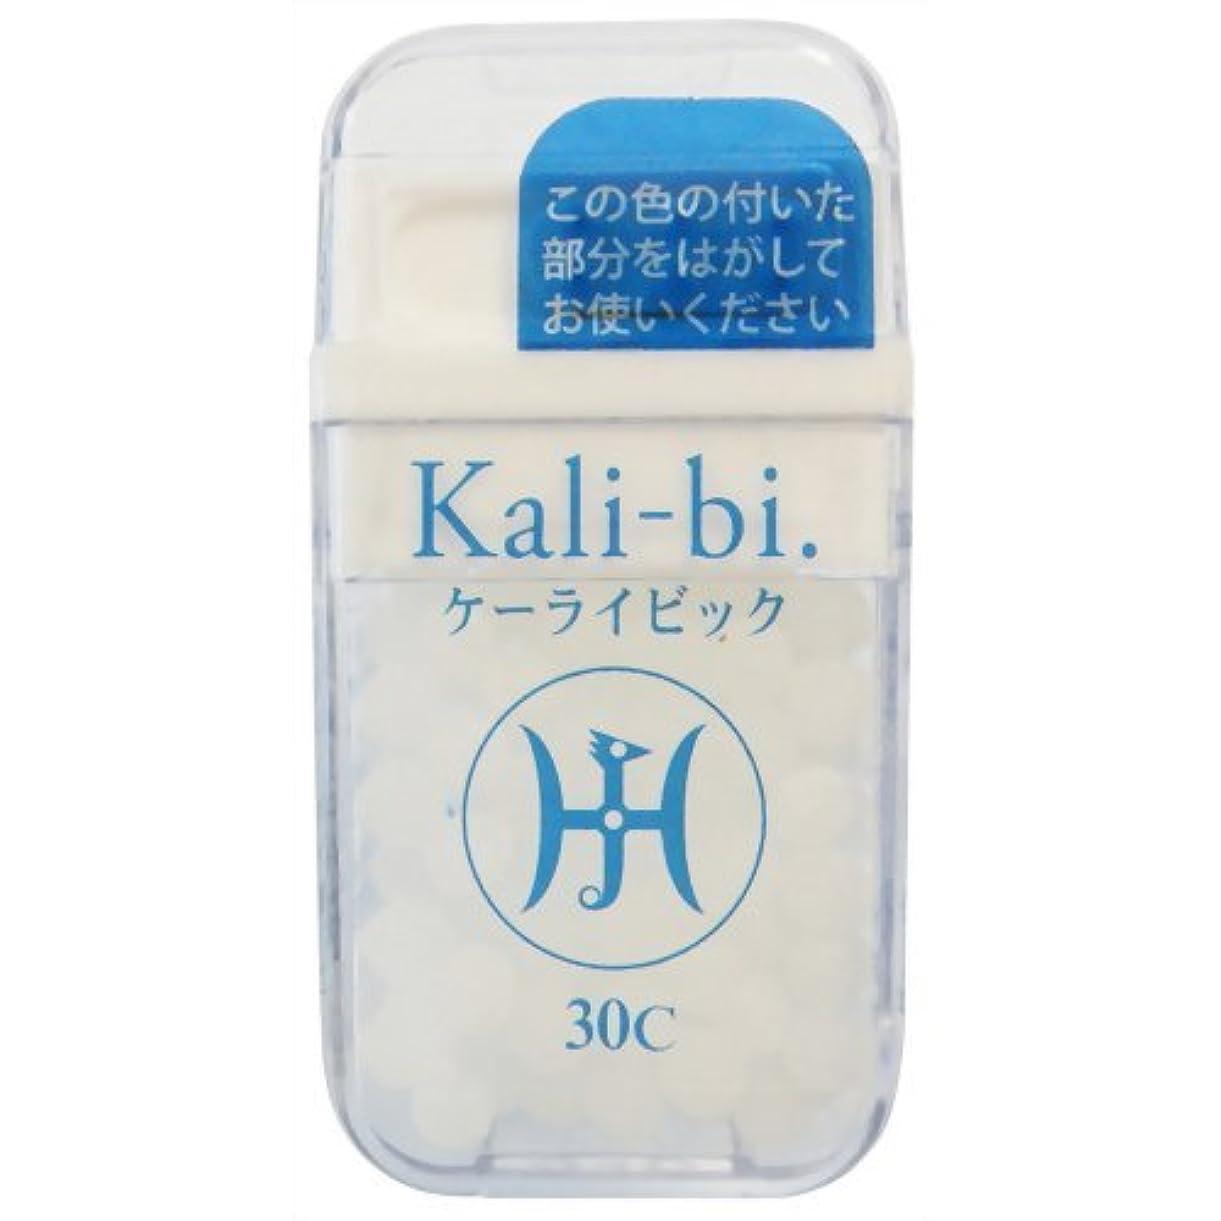 平らにする国民管理者ホメオパシージャパンレメディー Kali-bi.  ケーライビック 30C (大ビン)